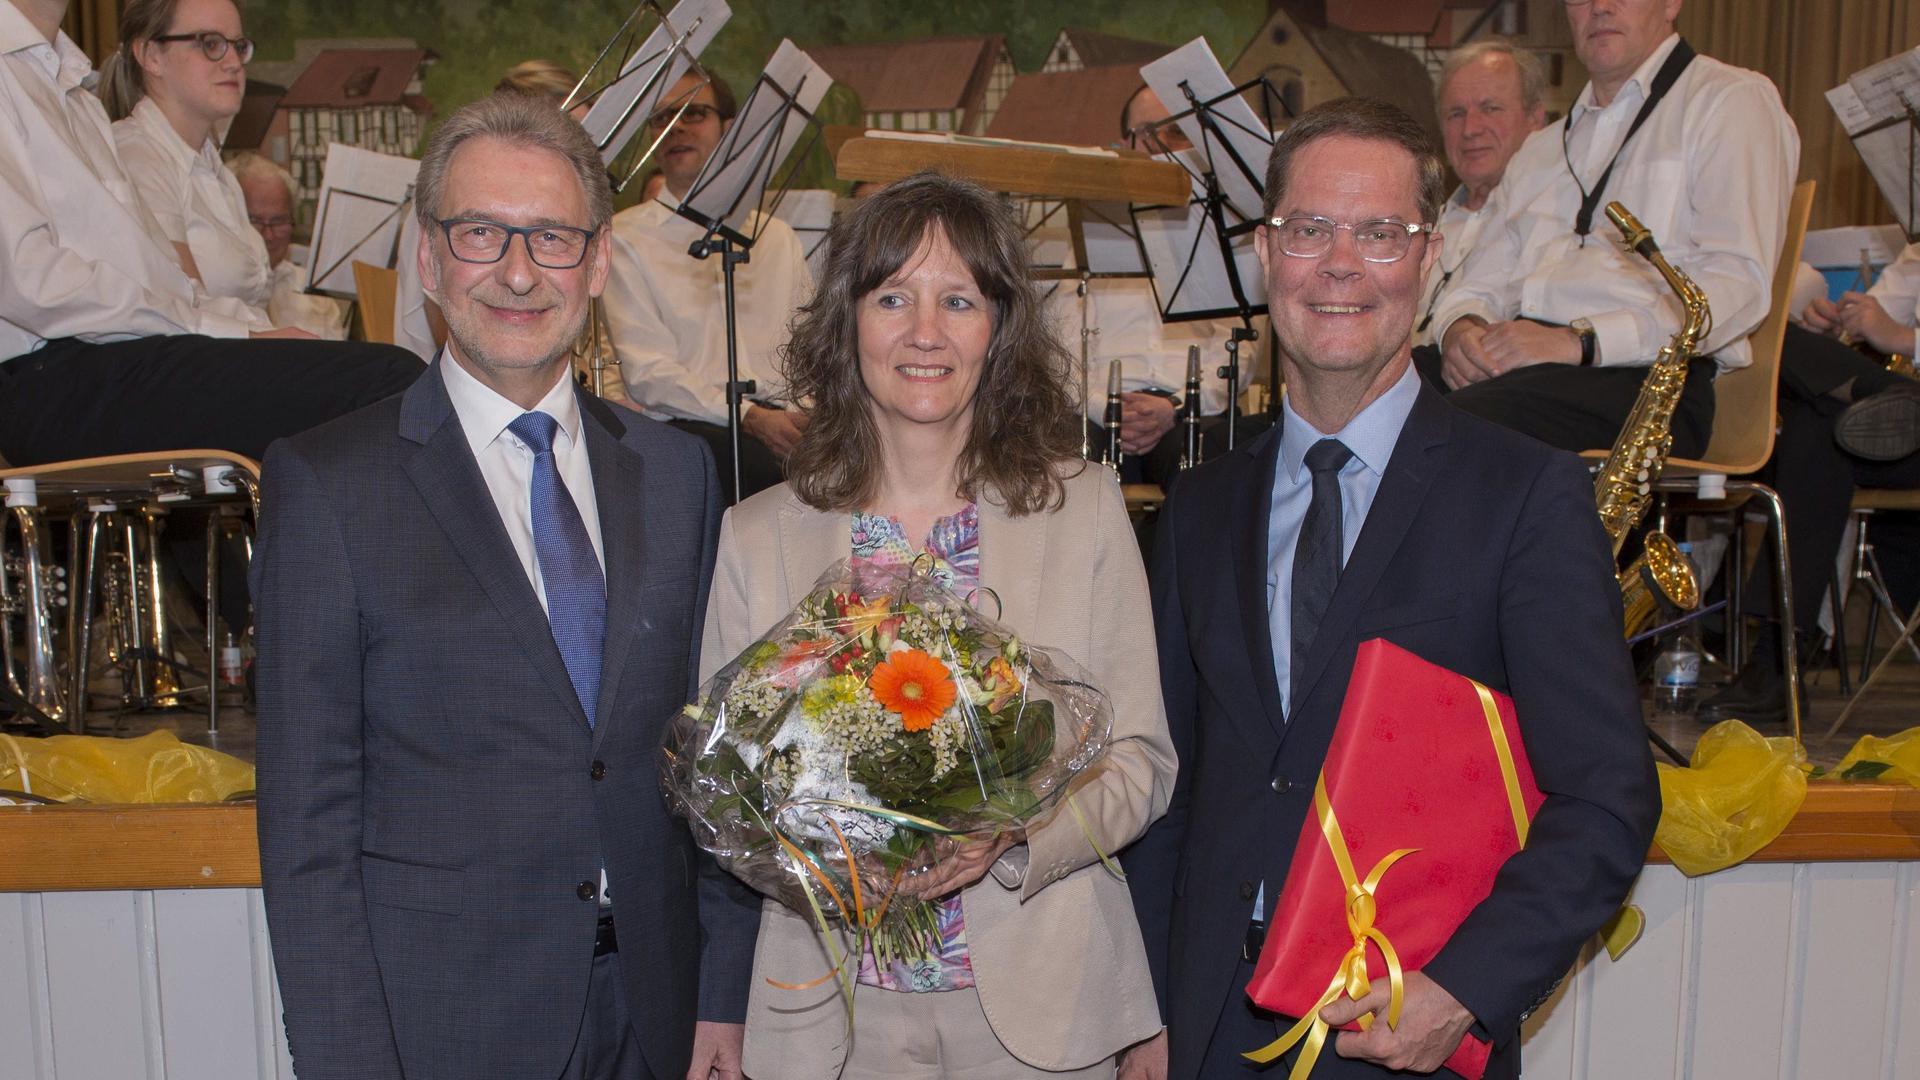 Vor dem Stabwechsel: Landrat Jürgen Bäuerle (links) mit Amtsnachfolger Toni Huber und dessen Gattin Silke.